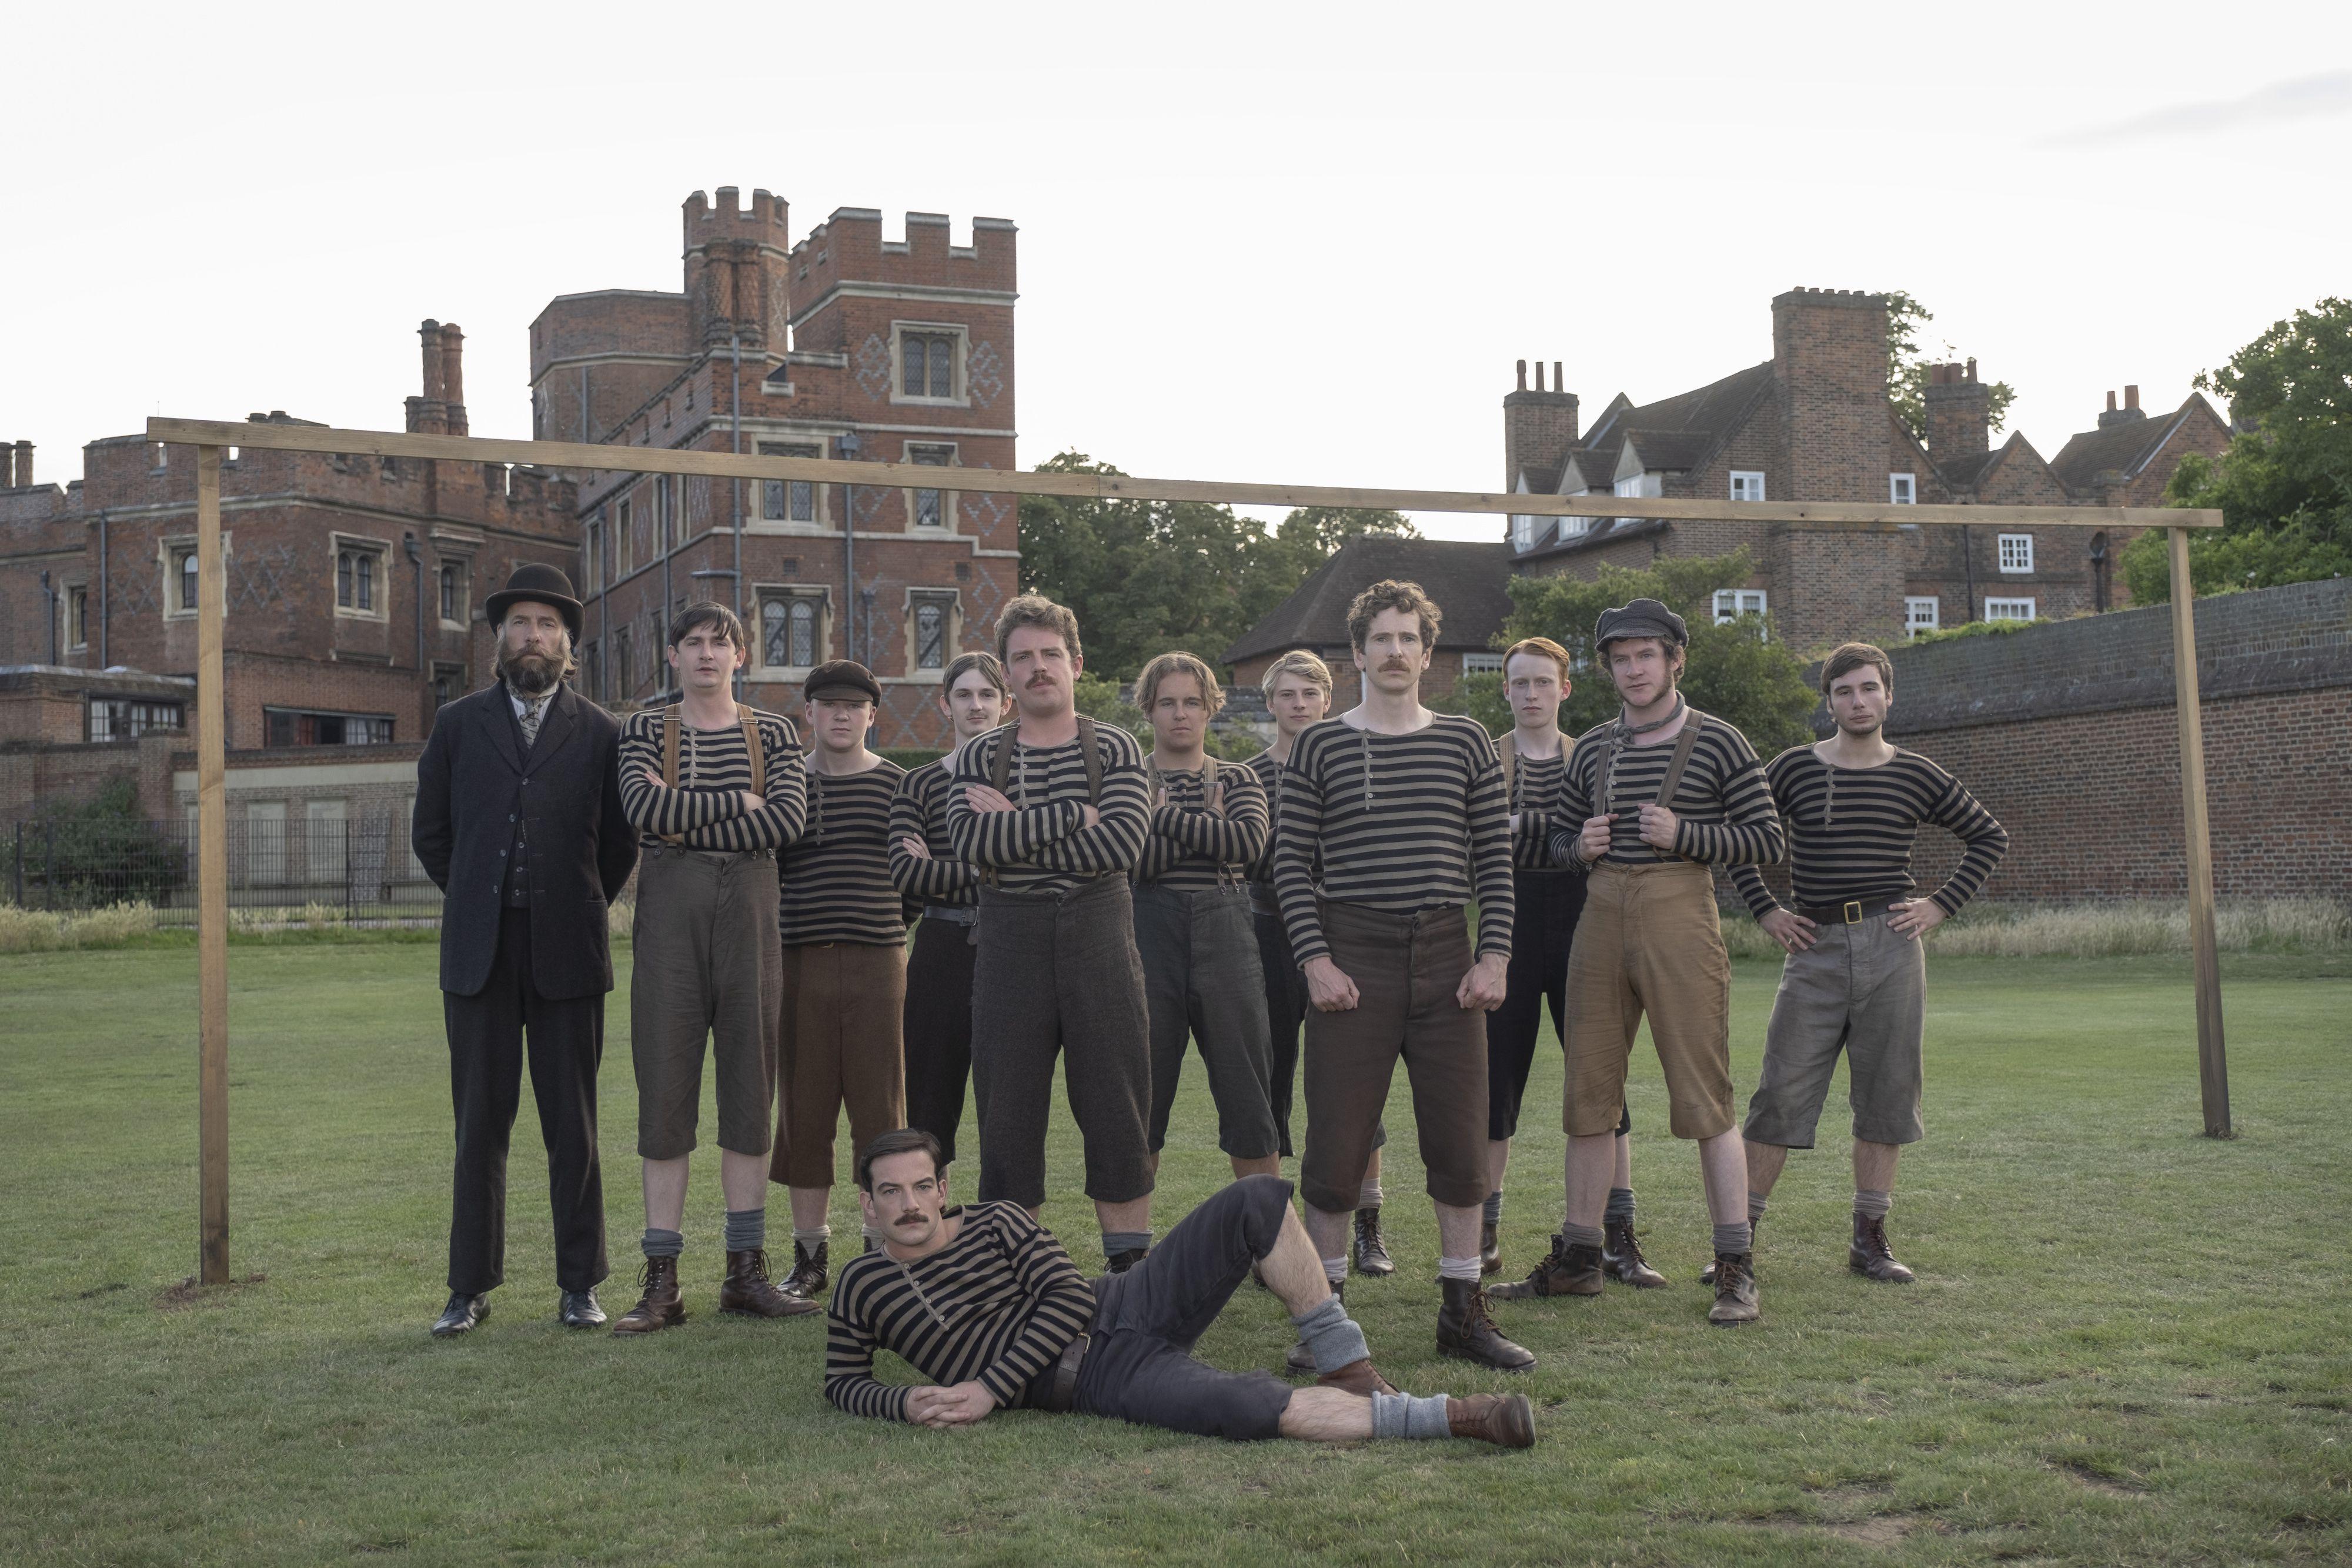 """The English game : จุดกำเนิดวงการลูกหนังสมัยใหม่บน """"แผ่นฟิล์ม"""""""